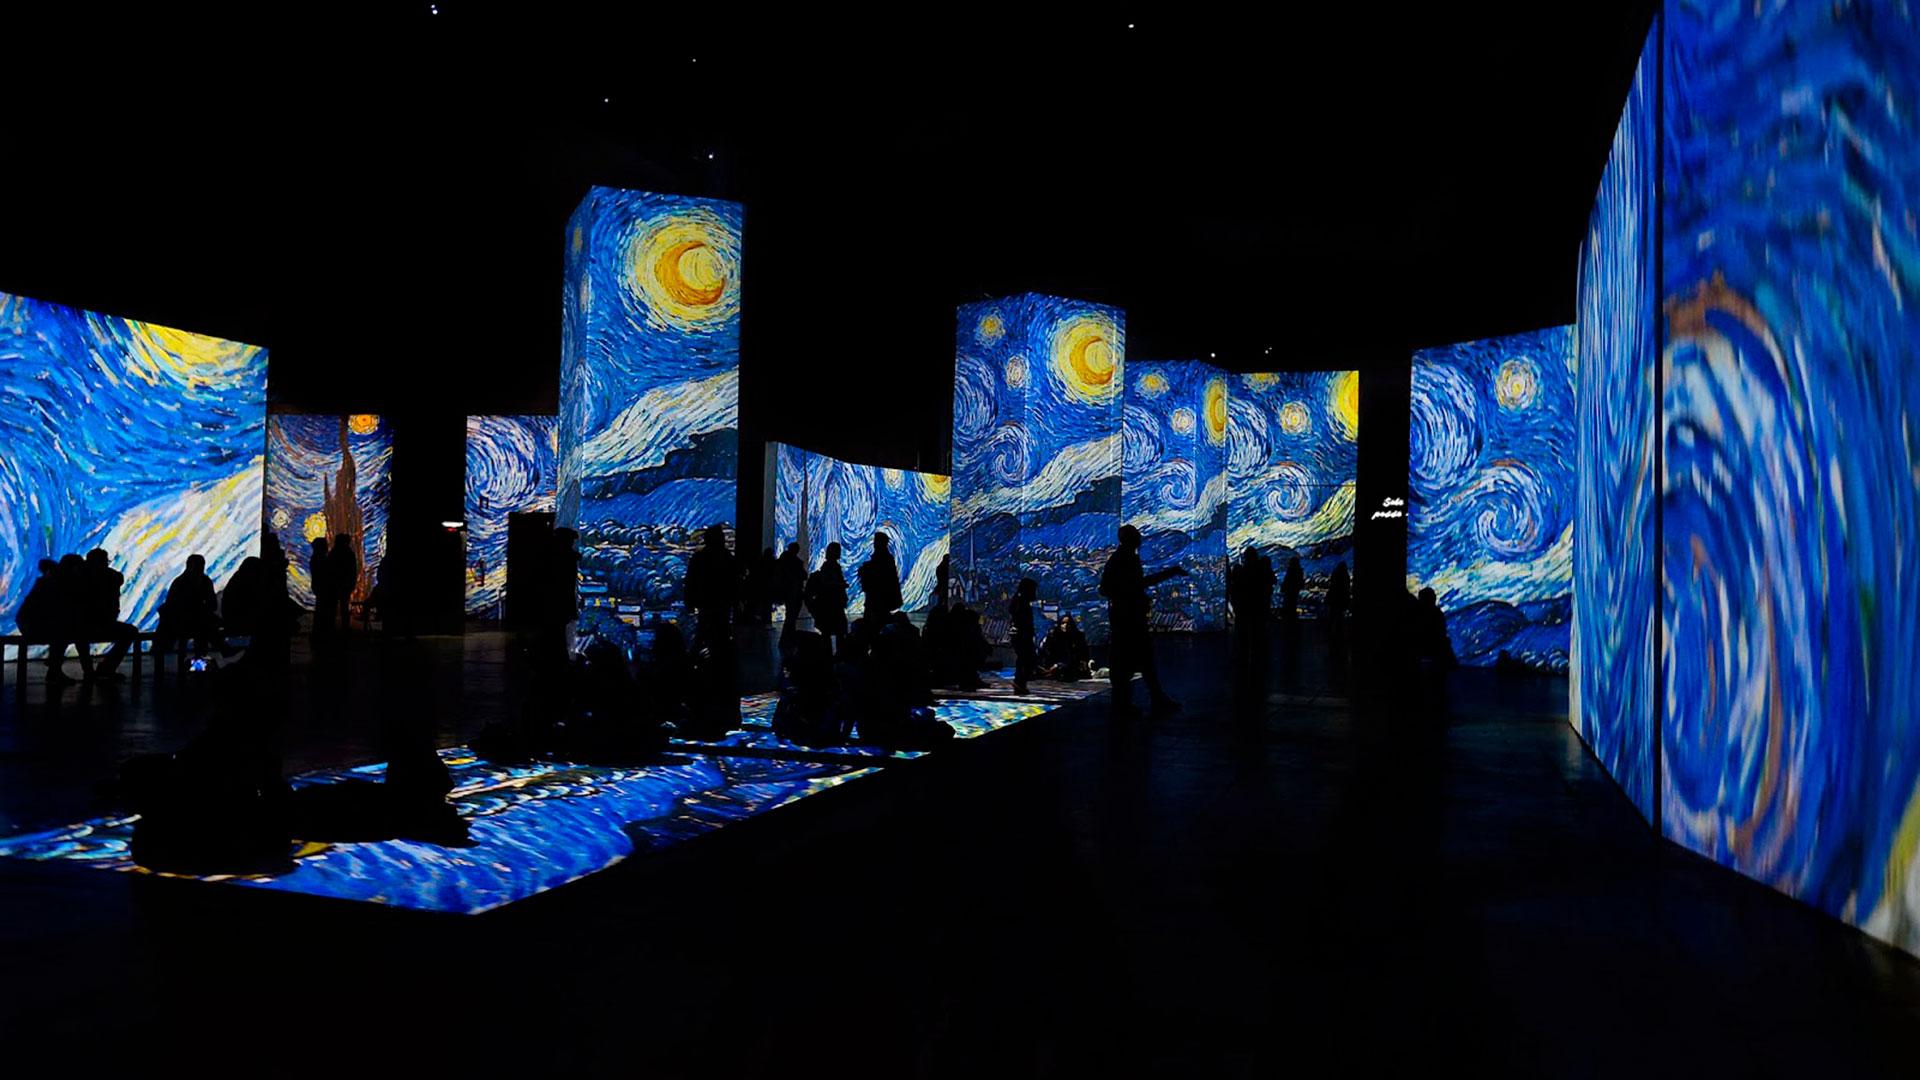 Imagen de la exposición Van Gogh Alive – The Experience